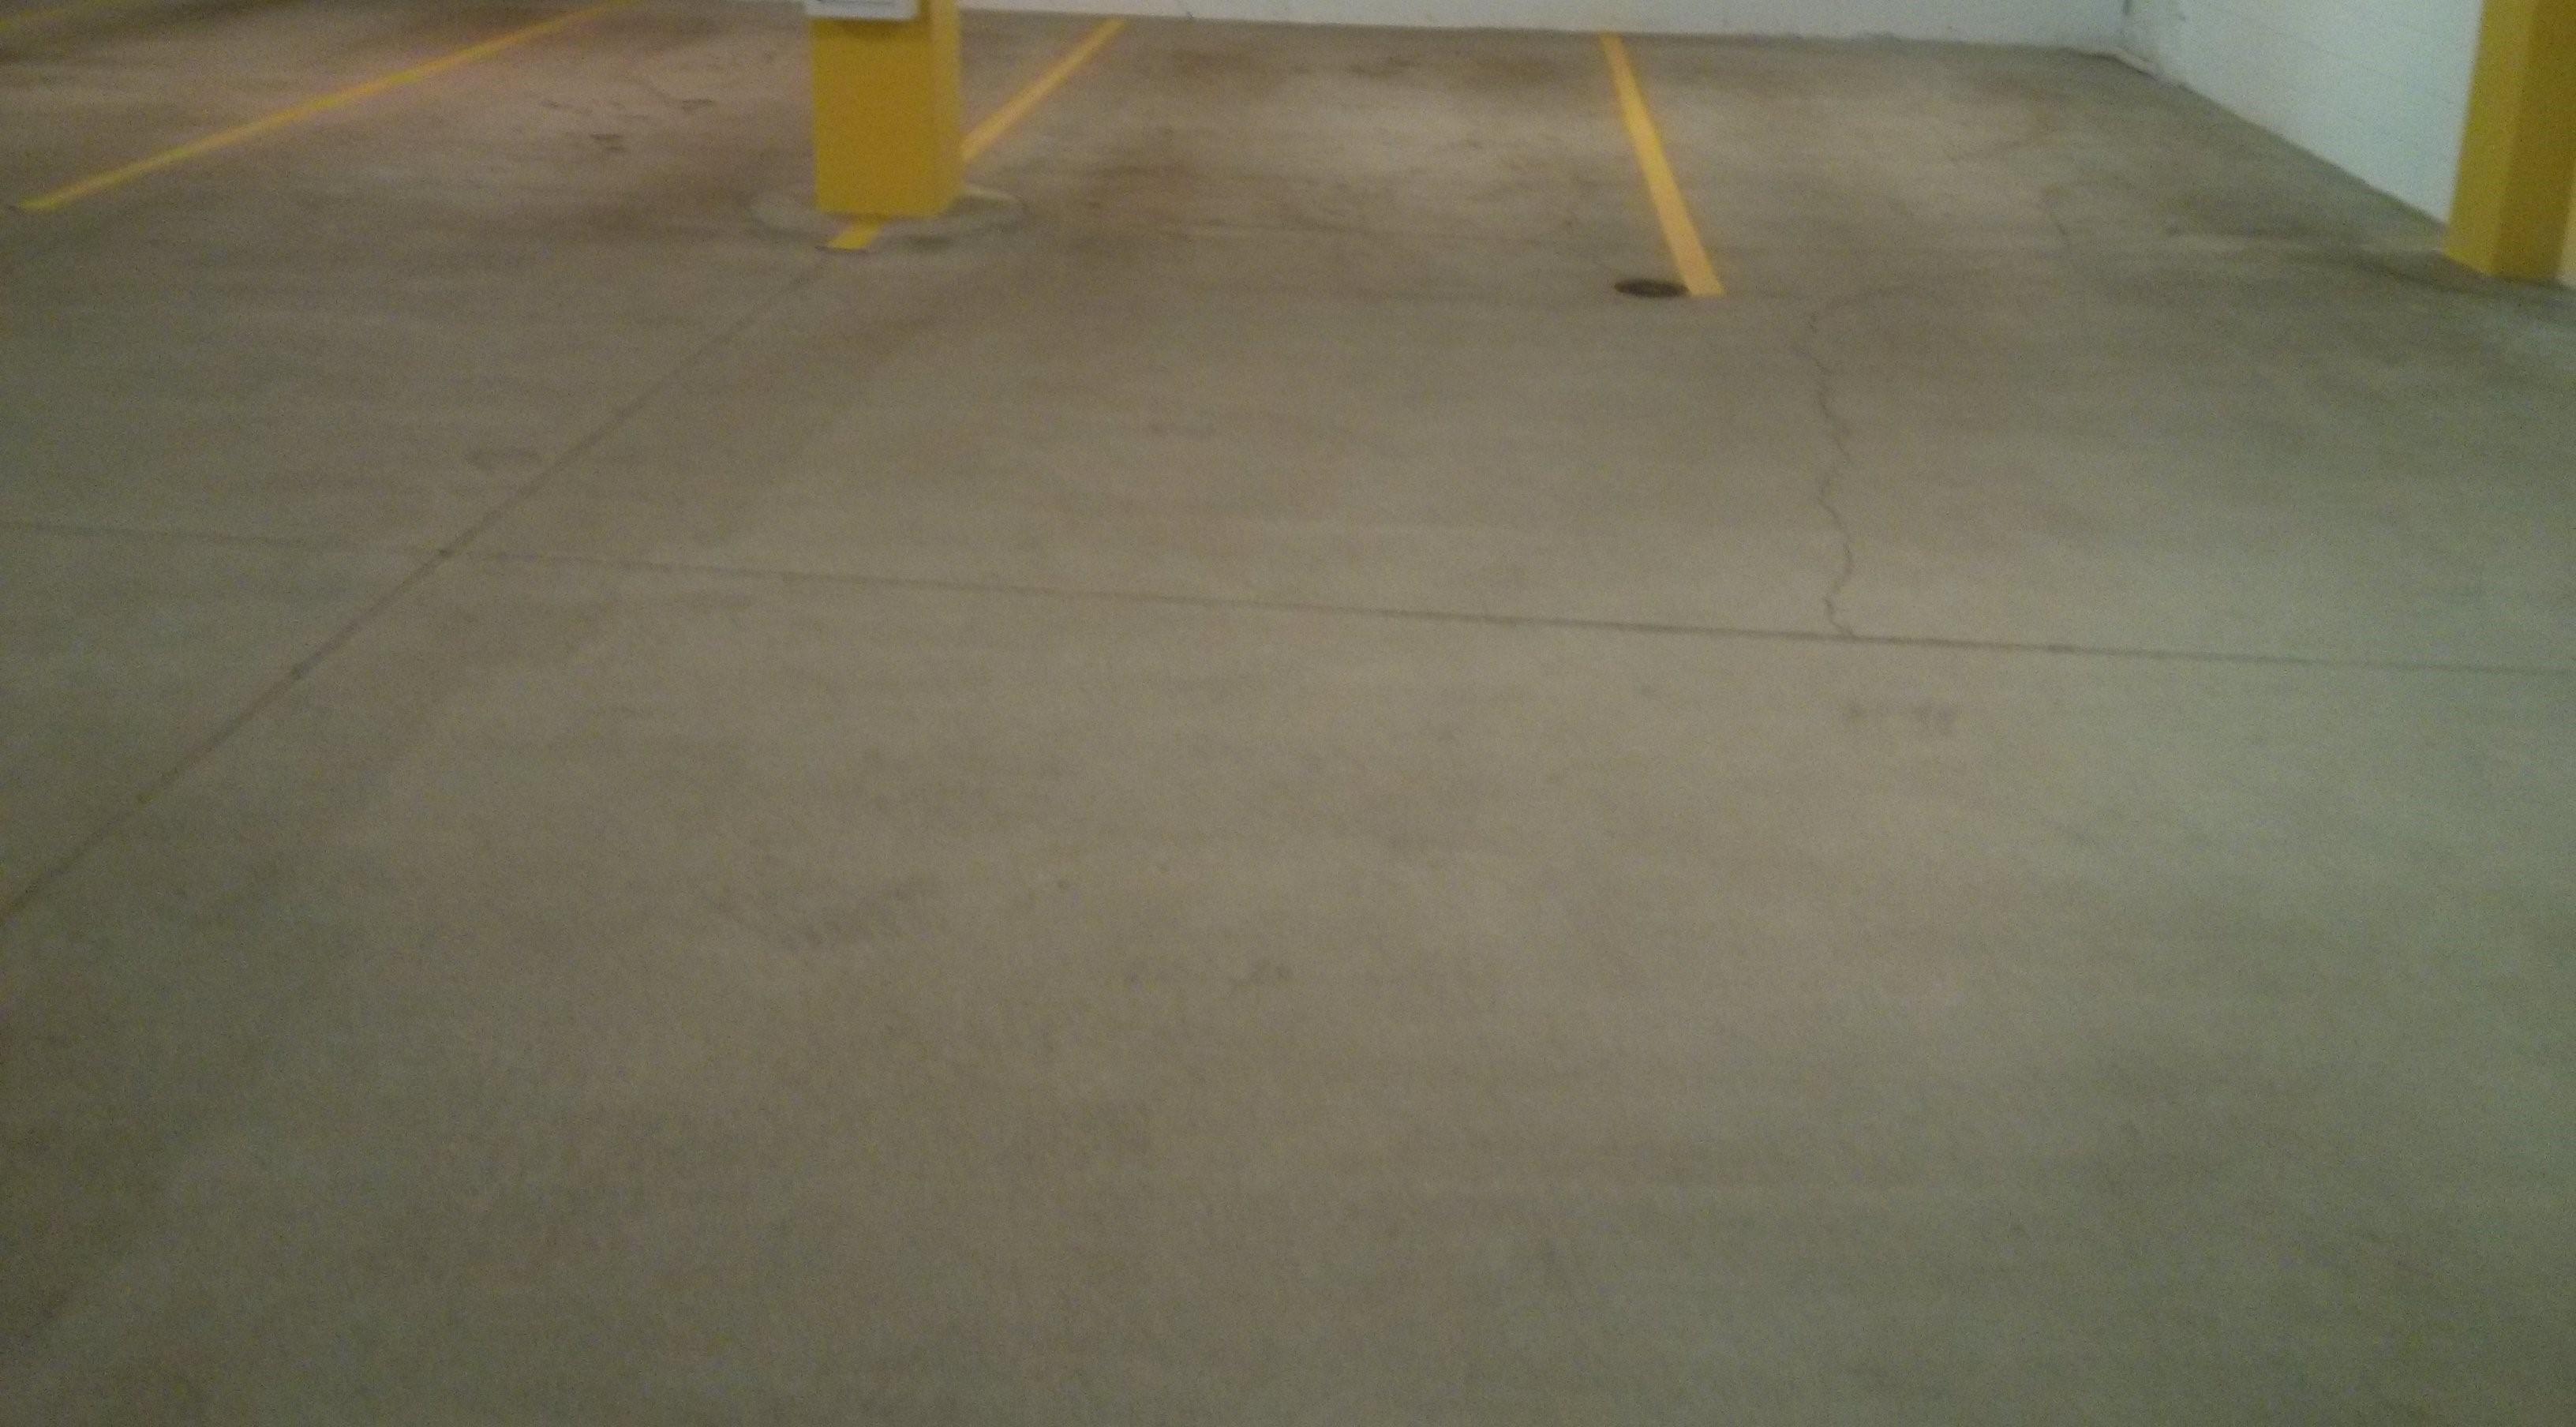 Parking Garage Re-Striping Services in Wayzata MN